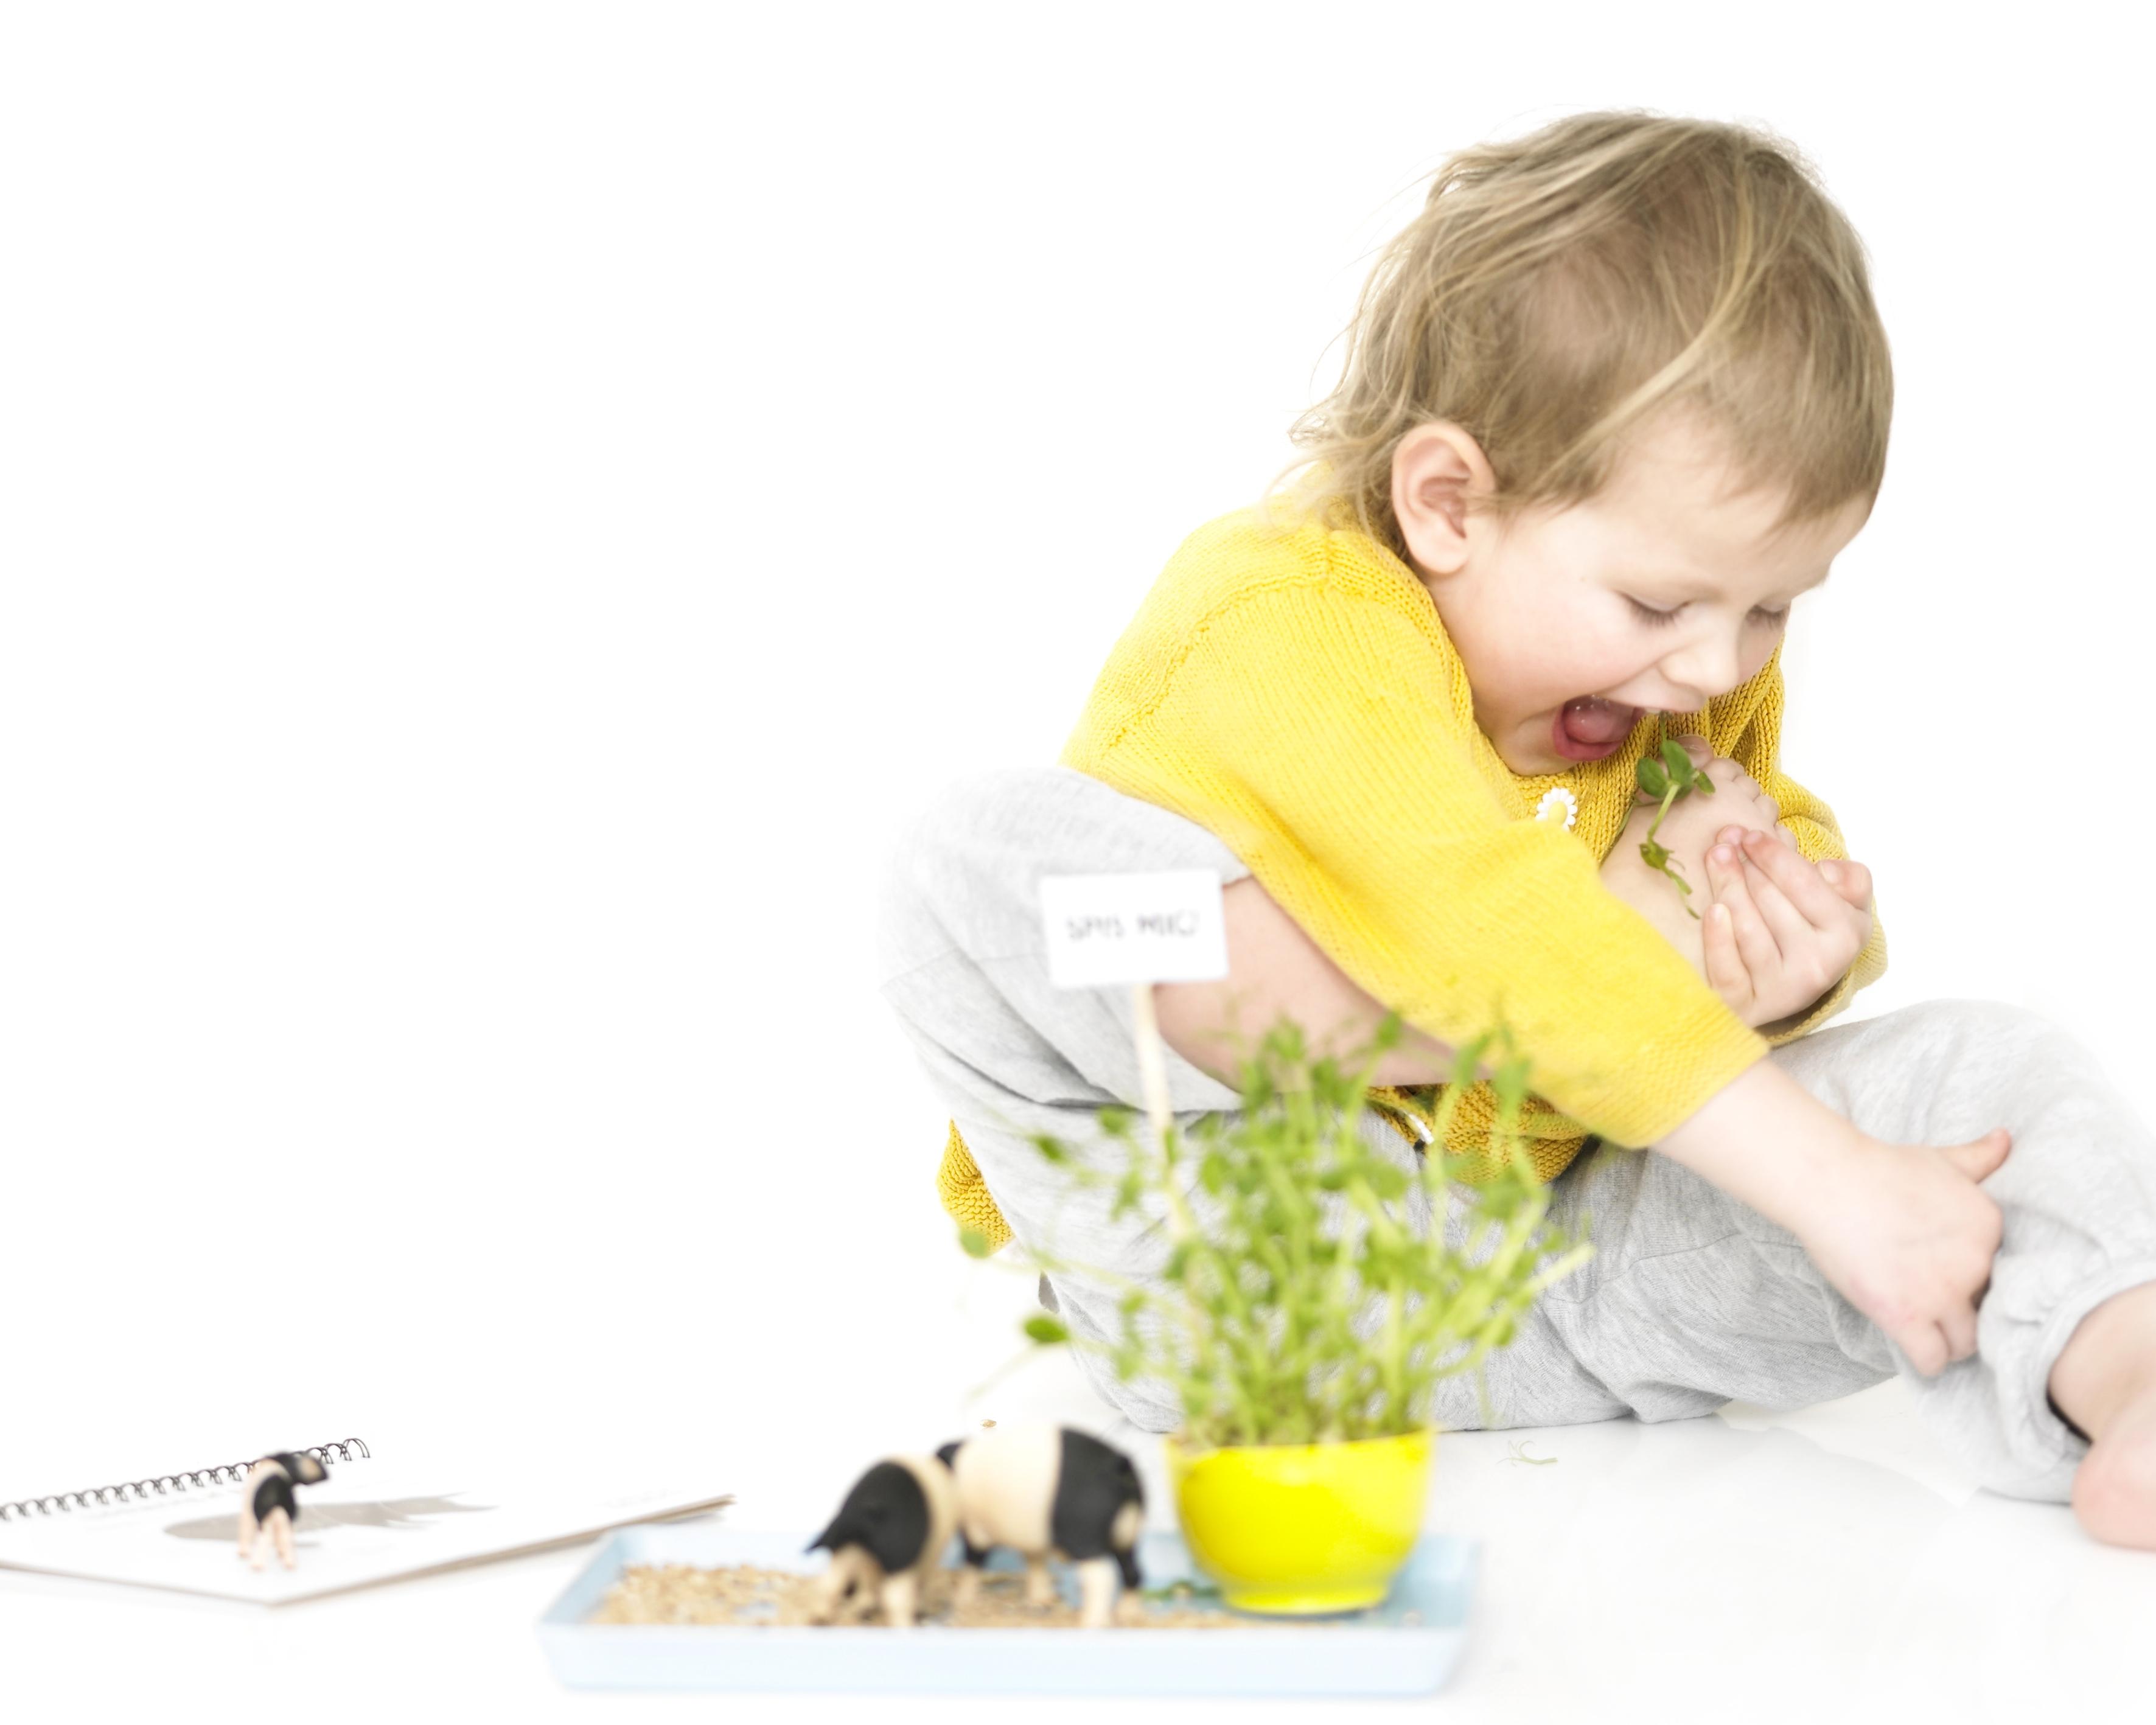 sanser oplevelser for børn